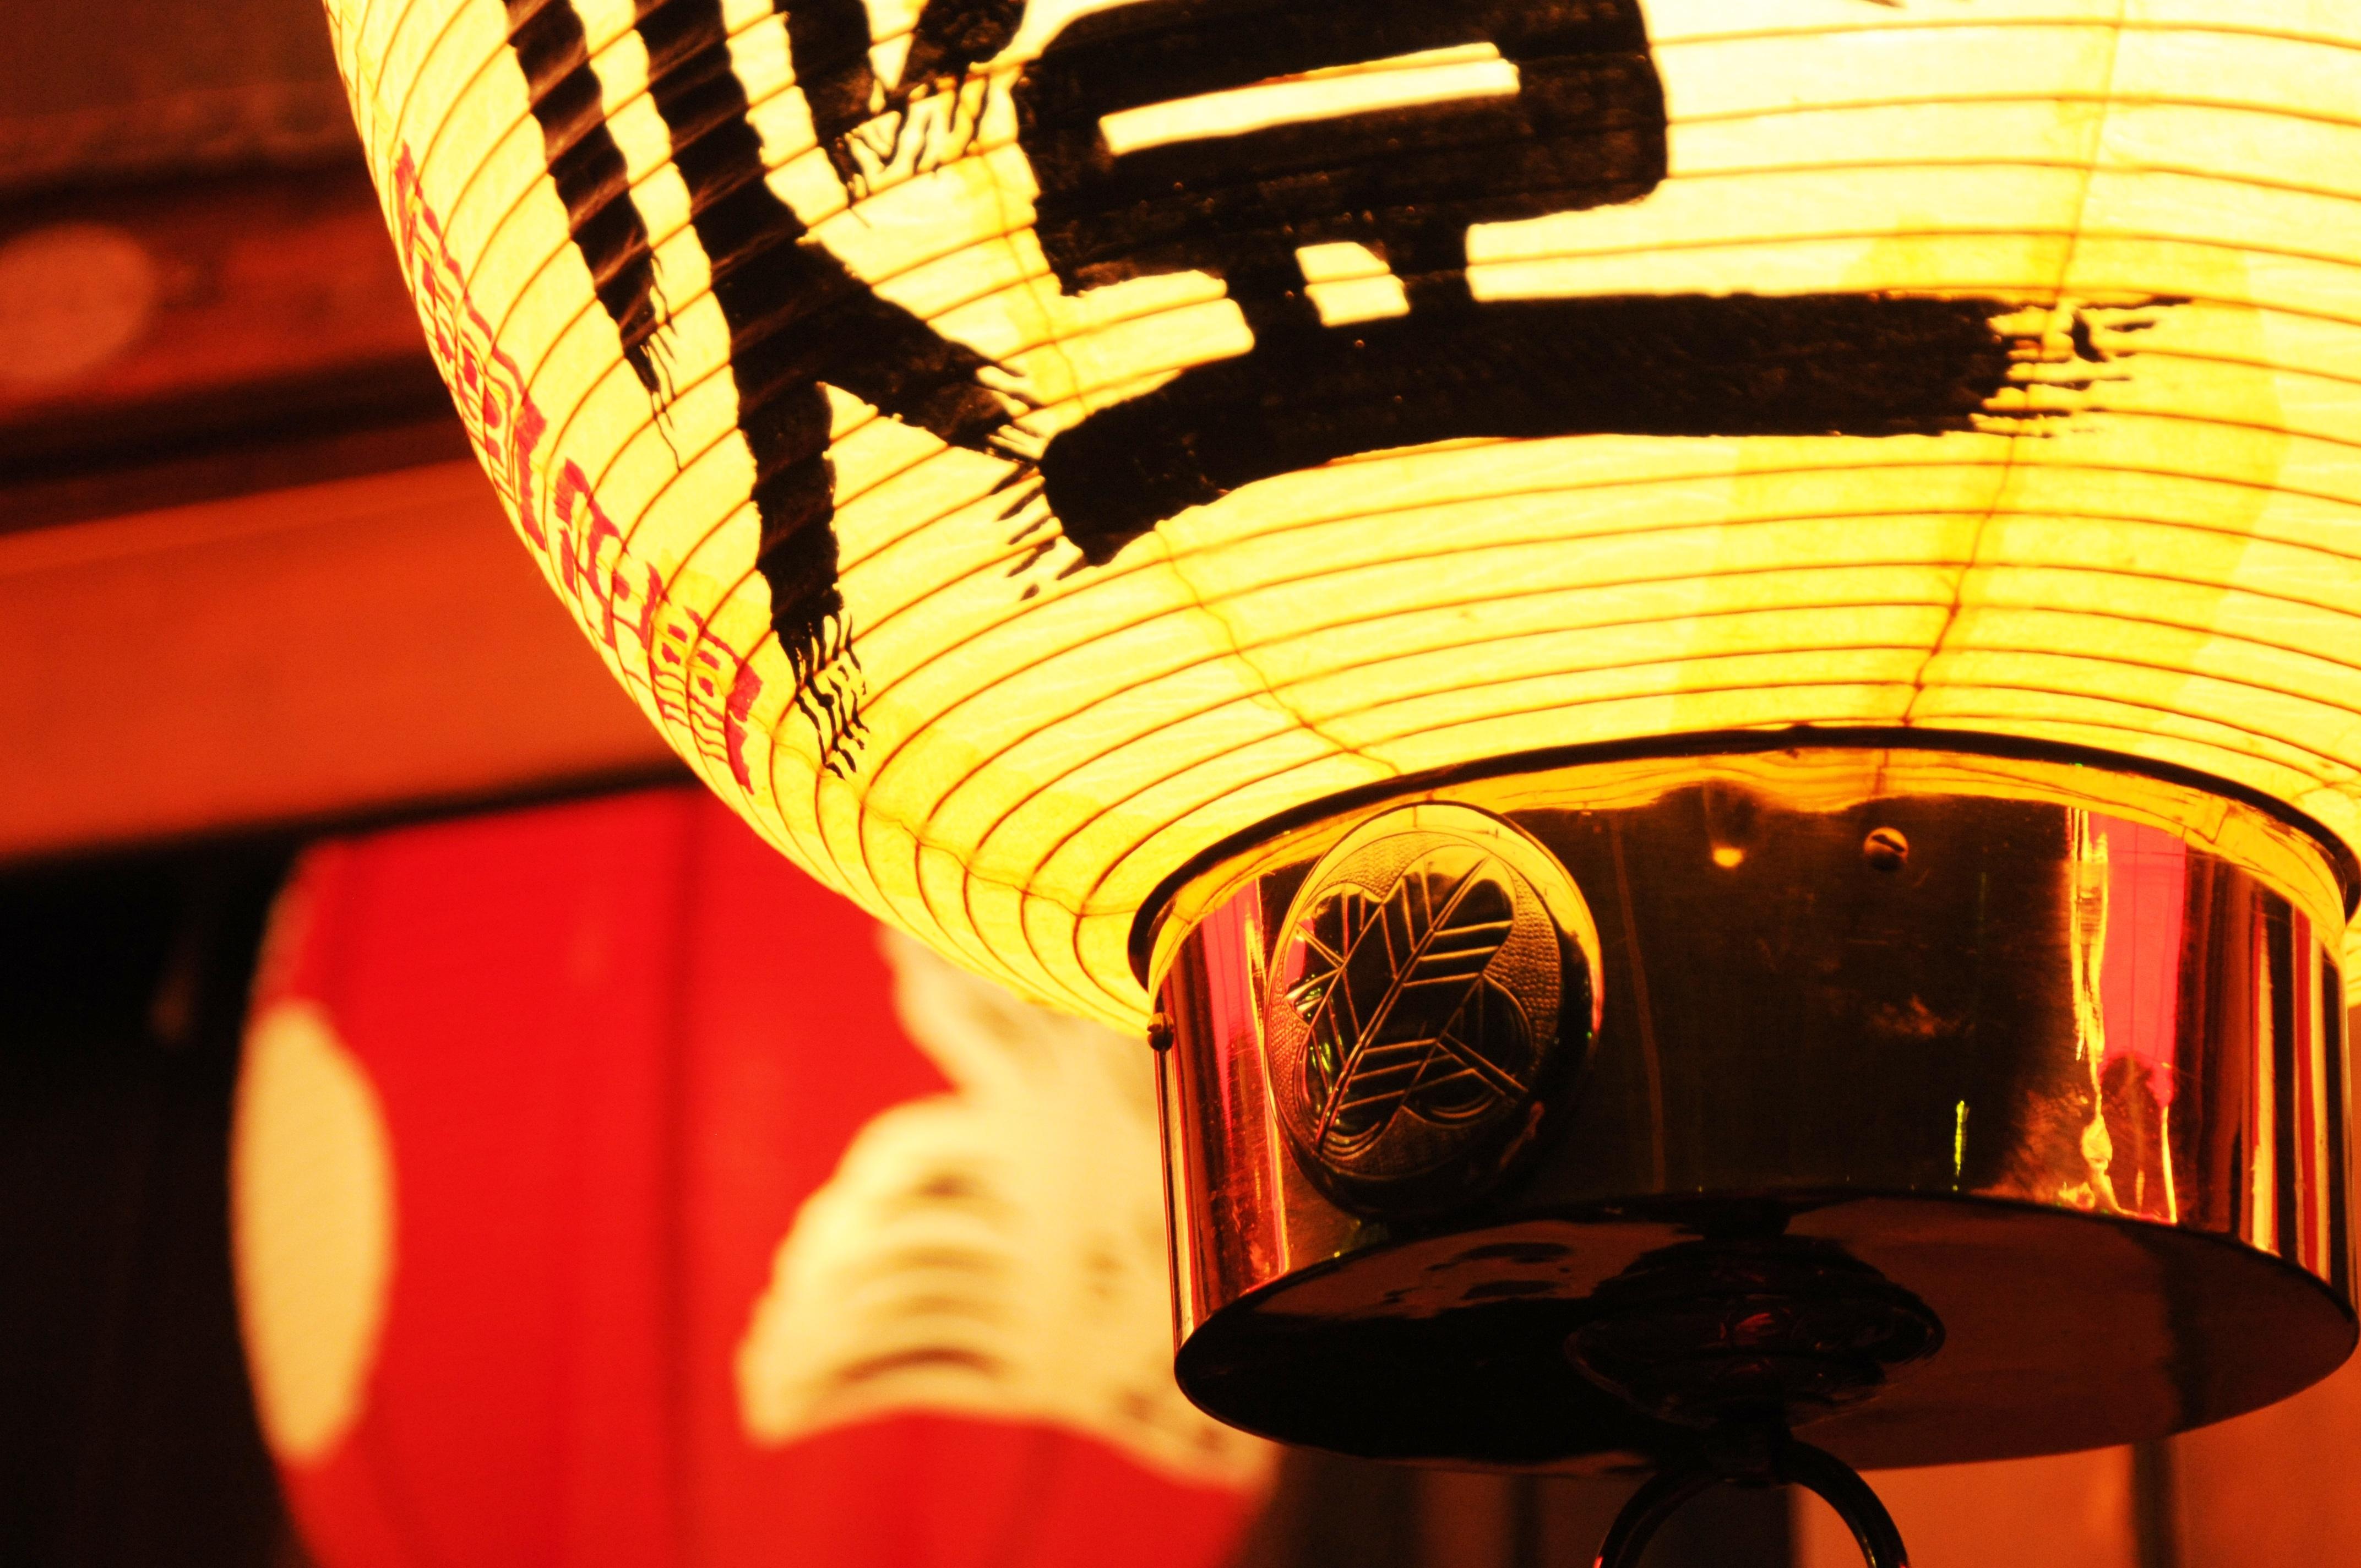 Hình Ảnh : Ánh Sáng, Đêm, Thành Phố, Đèn Lồng, Đỏ, Châu Á, Màu Vàng, Nhật  Bản, Thắp Sáng, Tiếng Nhật, Trung Quốc, Truyên Thông, Chinatown 4288x2848